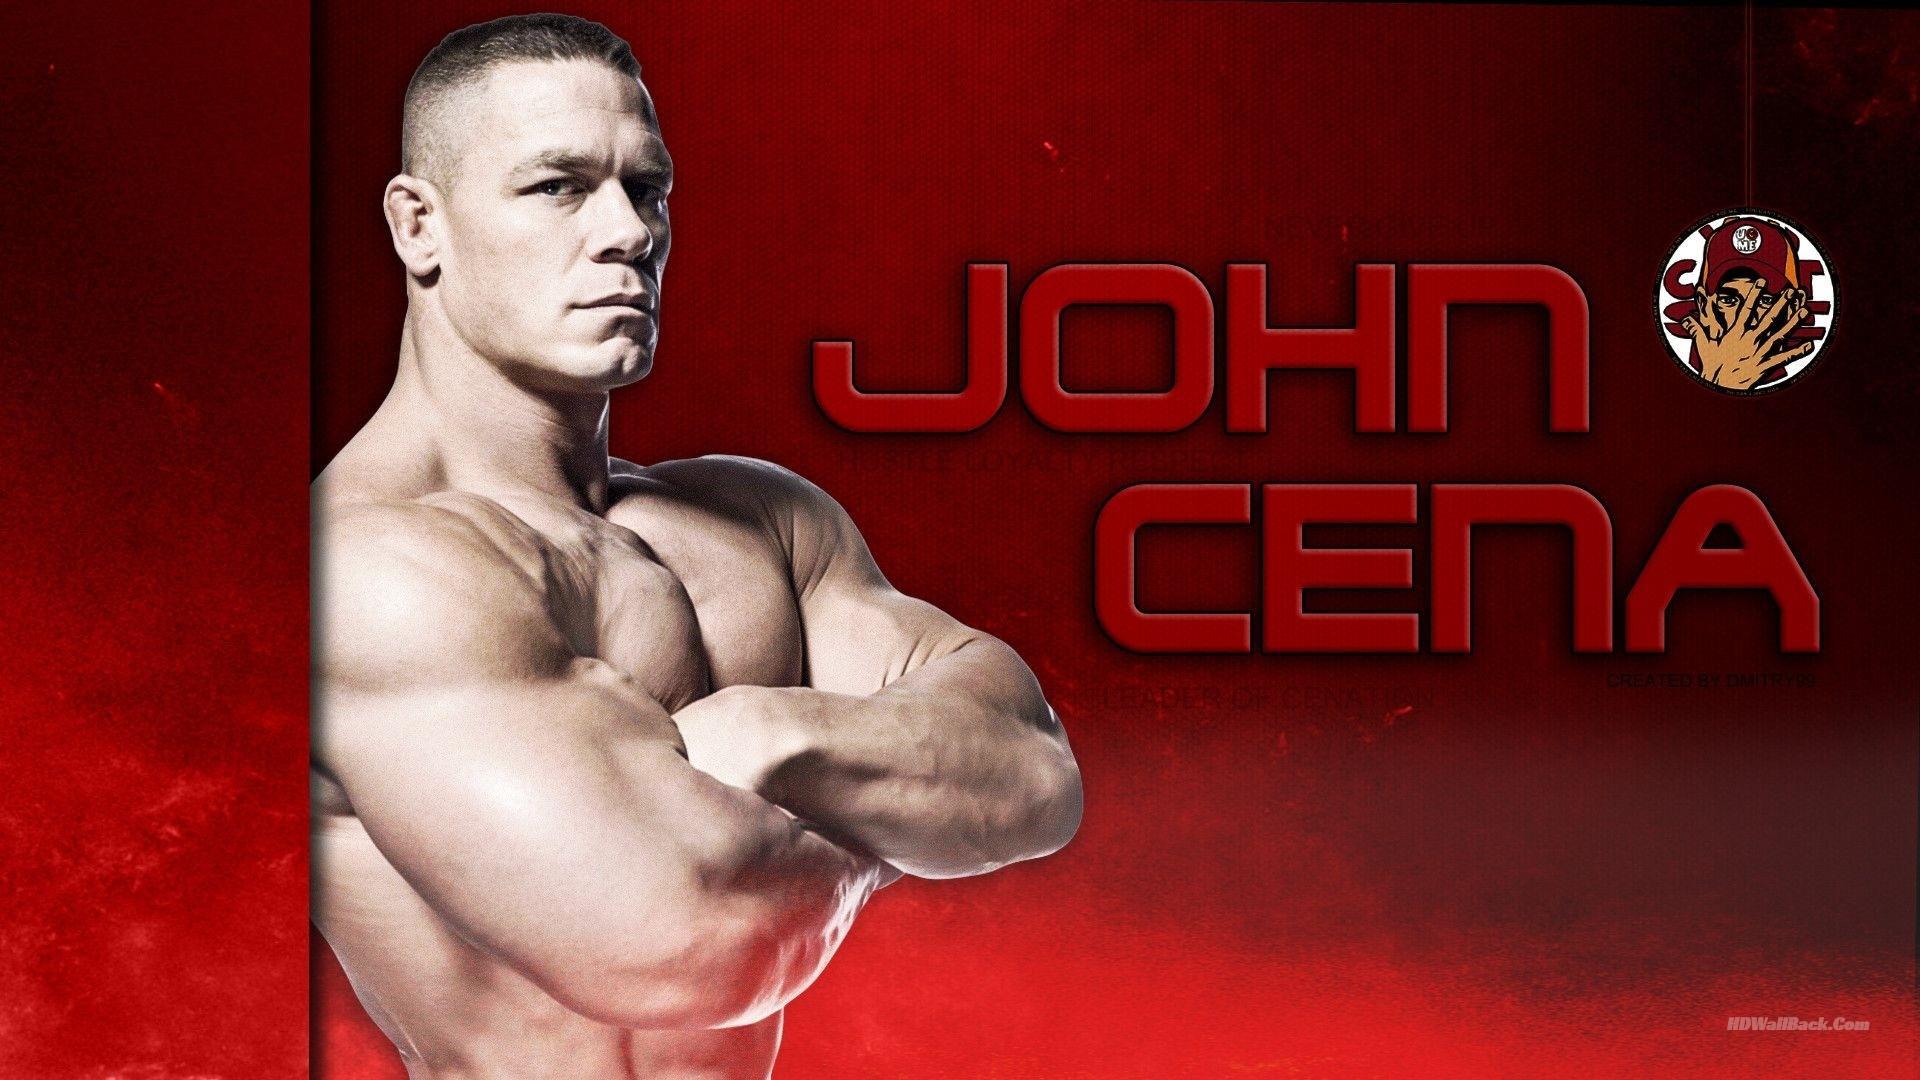 John Cena Wall